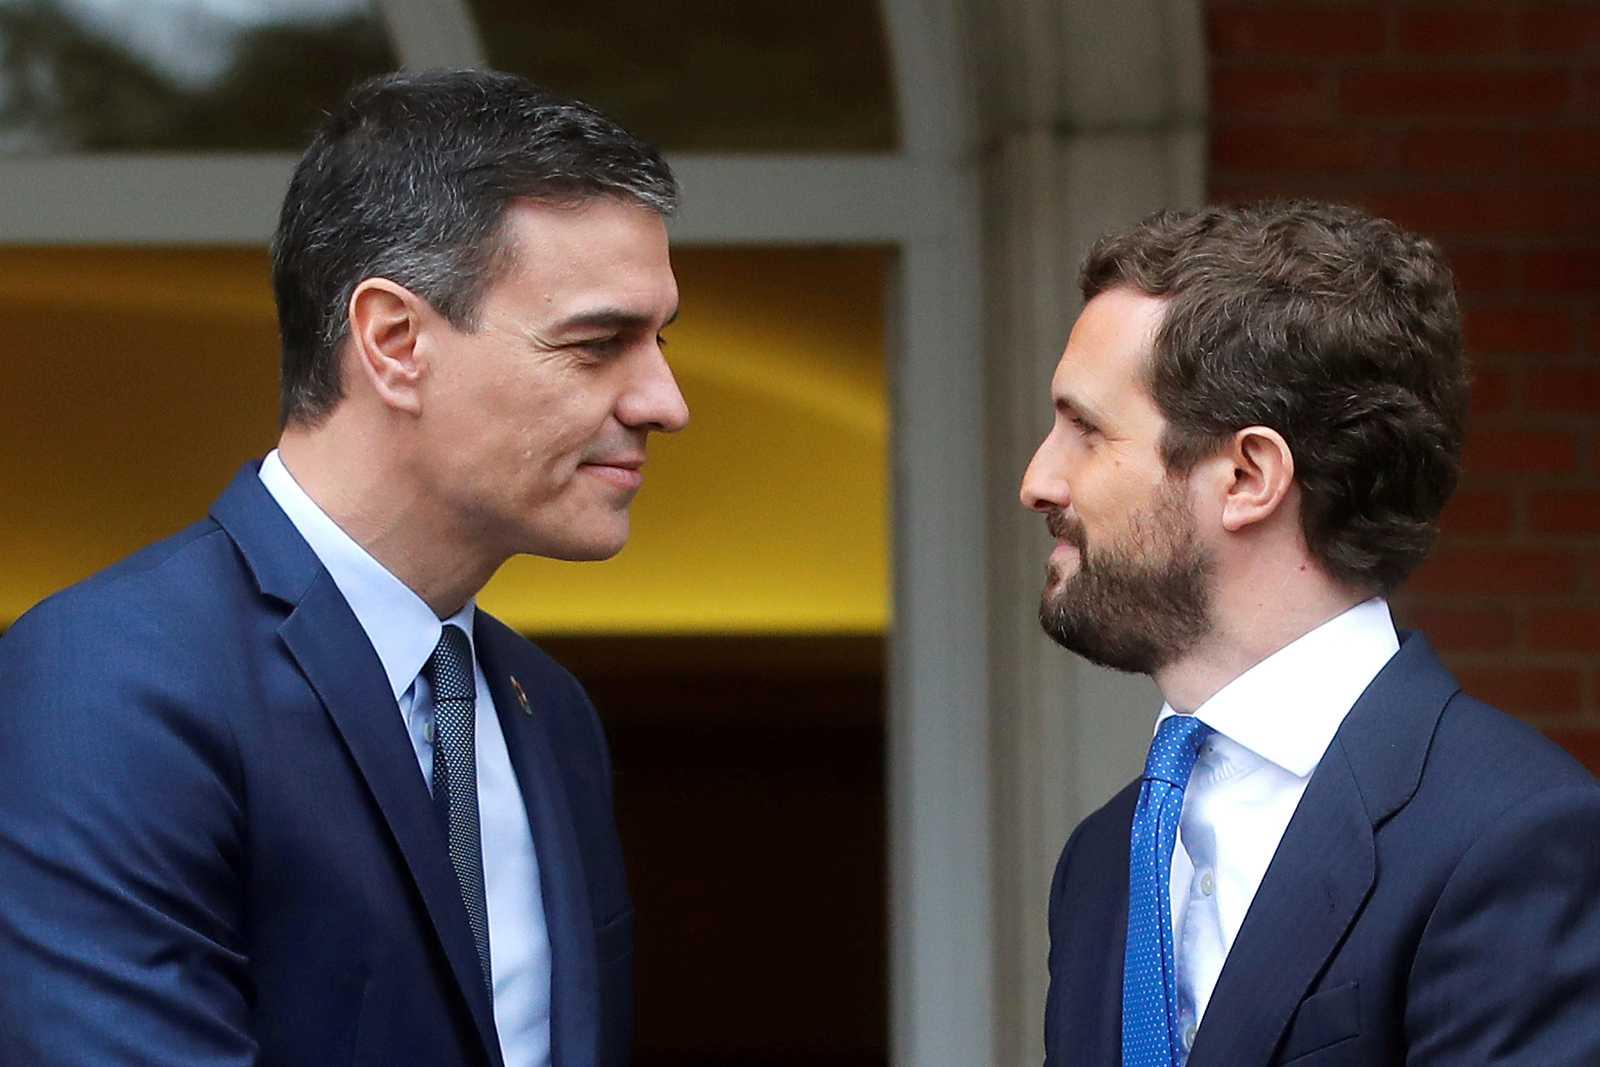 Reunión Sánchez-Casado en Moncloa: Manos tendidas, pero sin avances